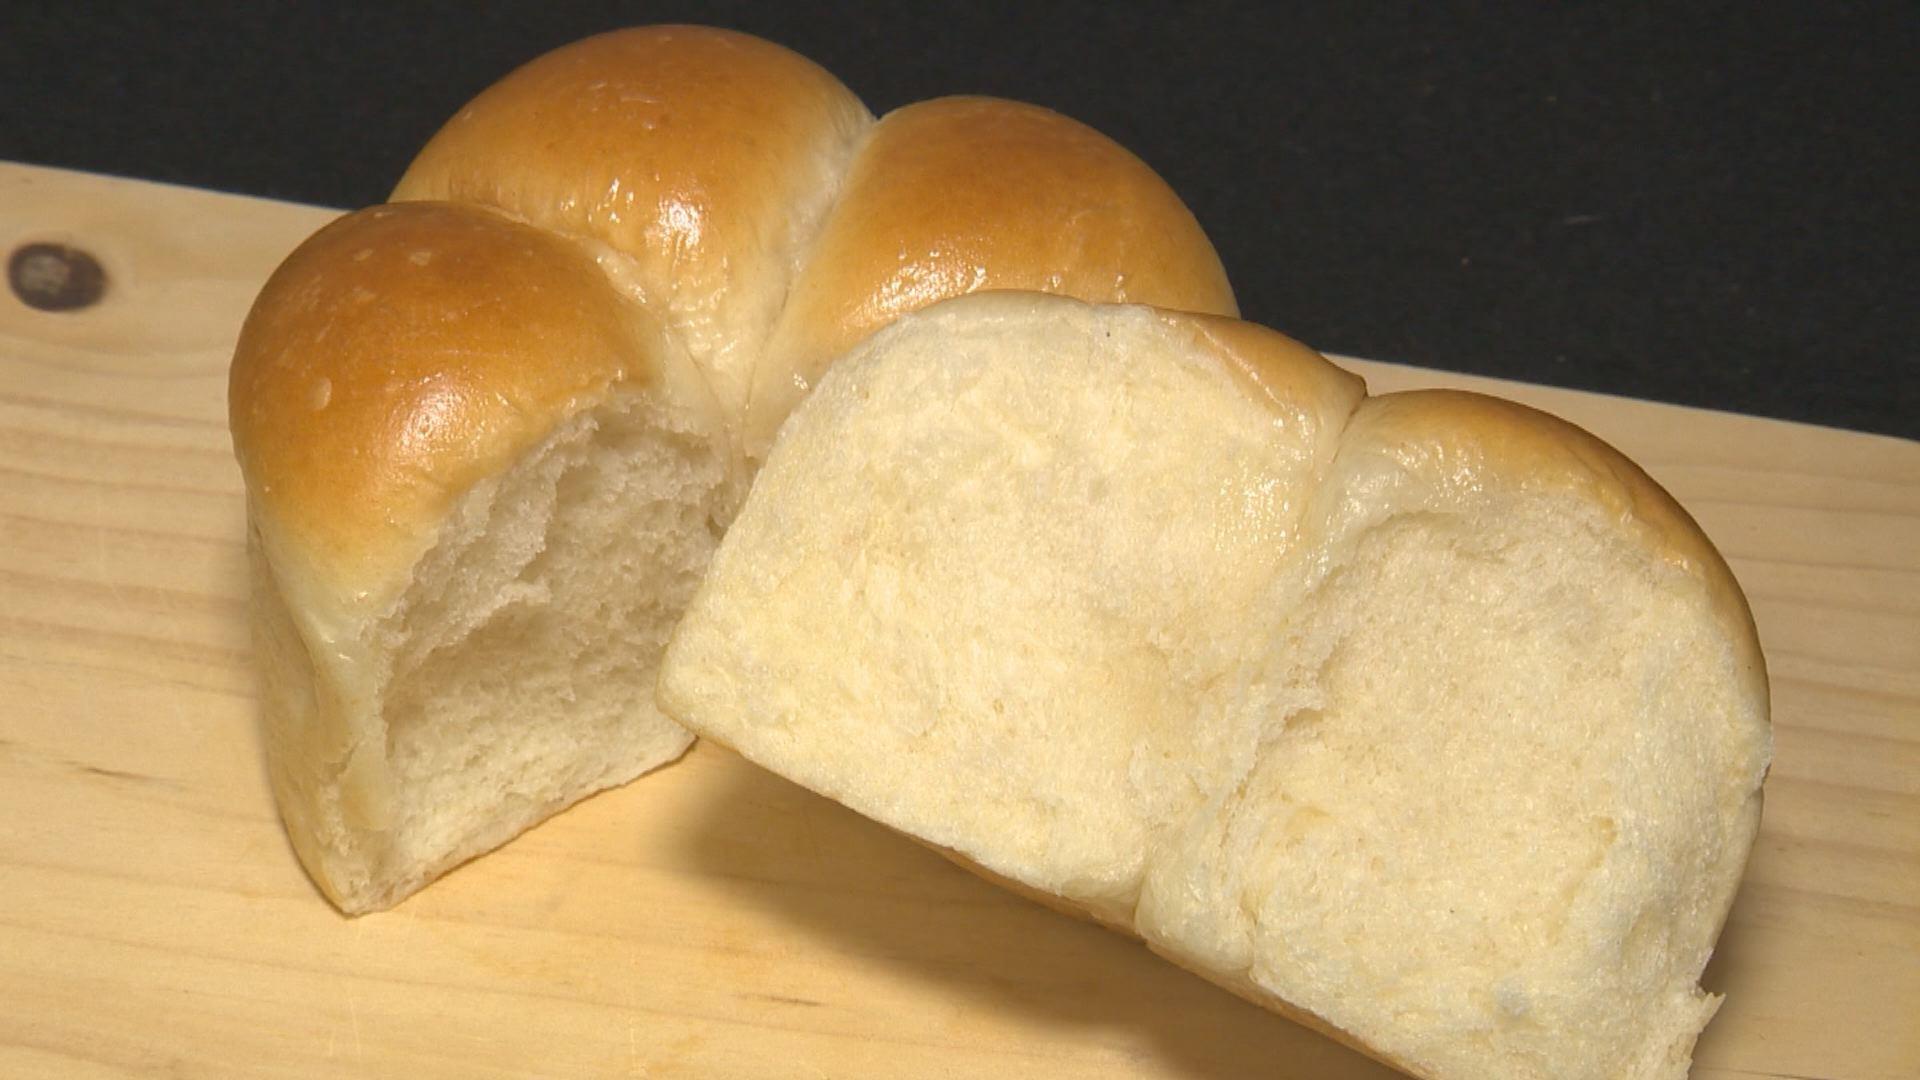 ハレノヒ牛乳パン2